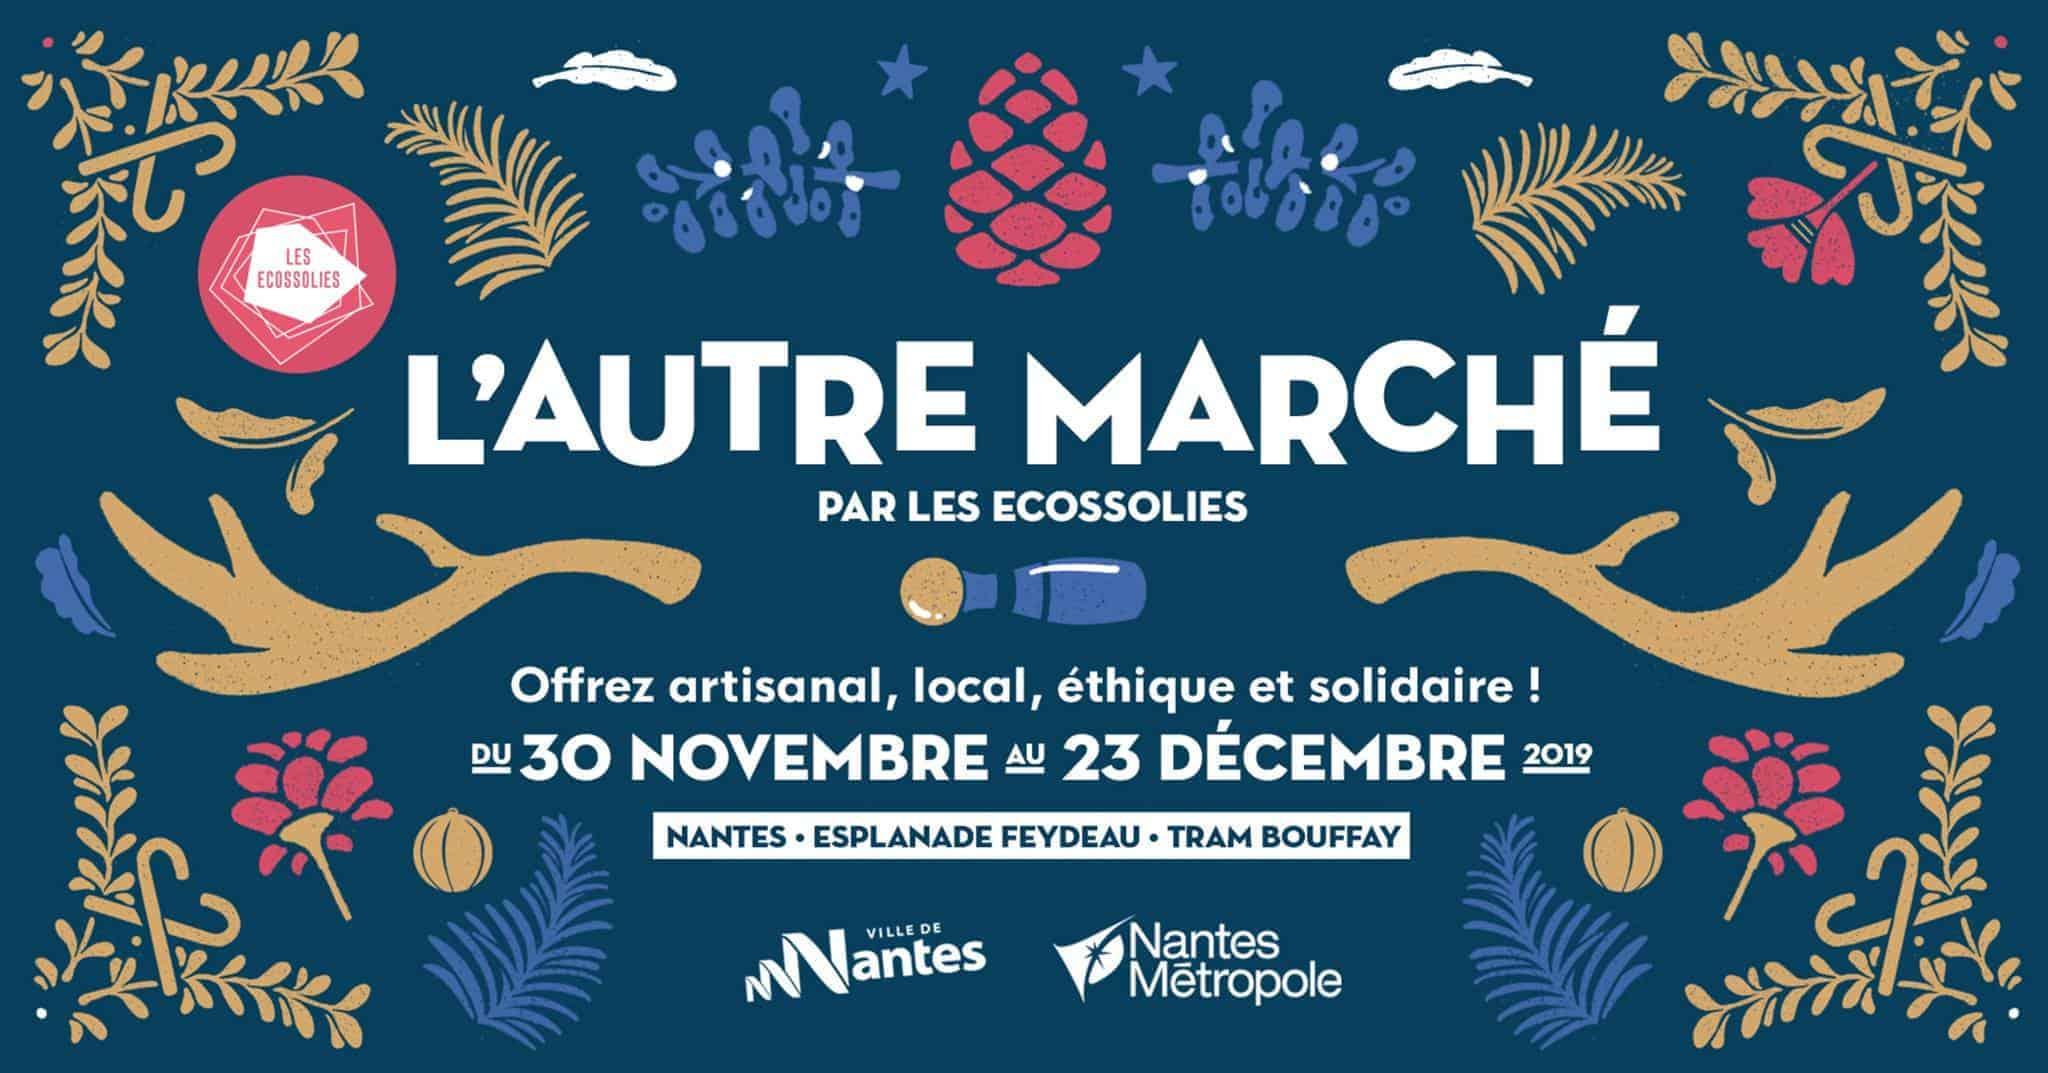 lautre marche nantes 2019